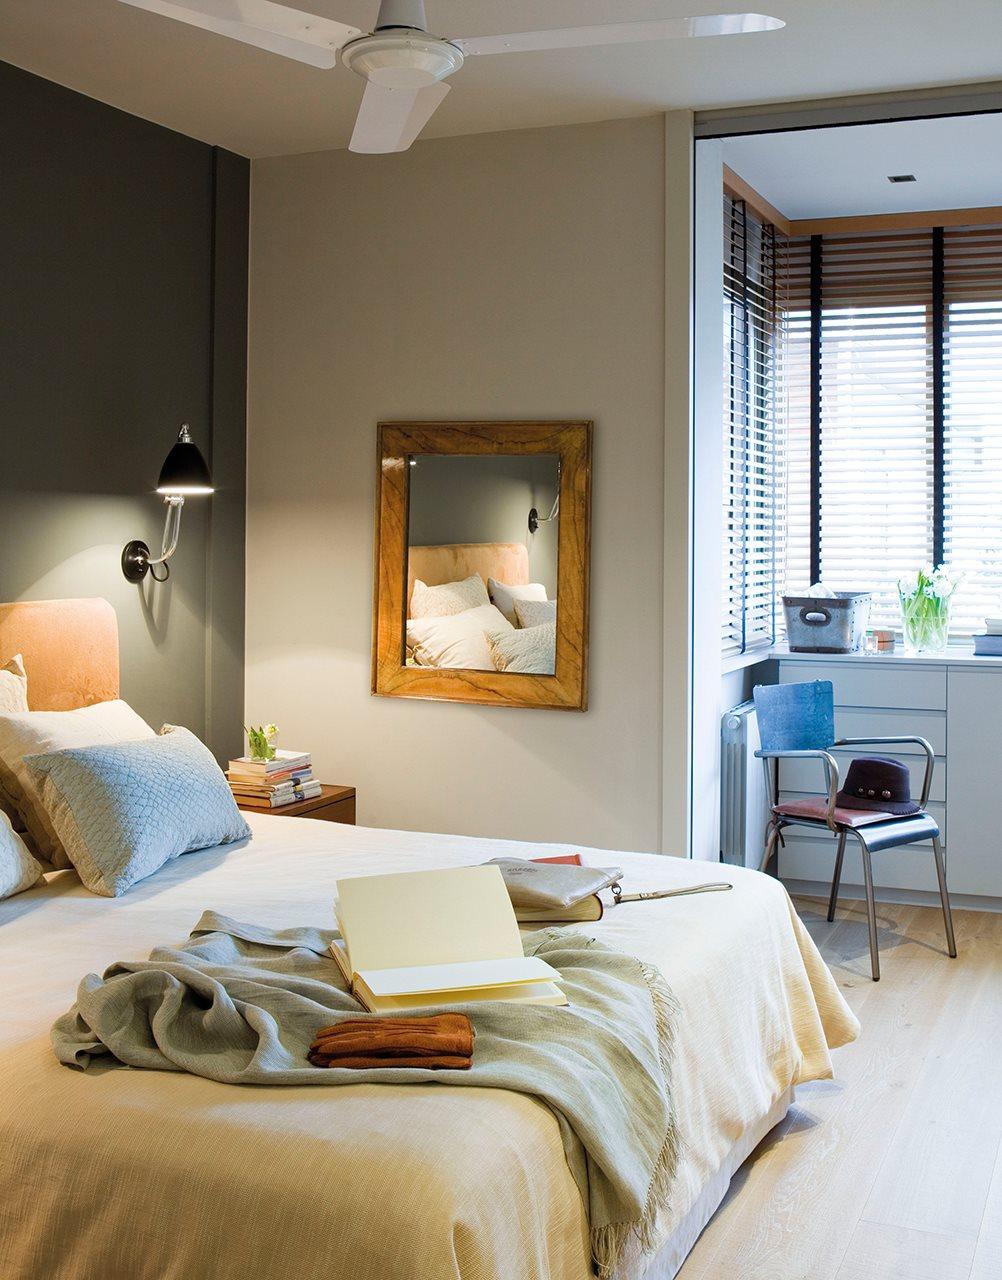 Manual de la iluminaci n perfecta - Luz para dormitorio ...